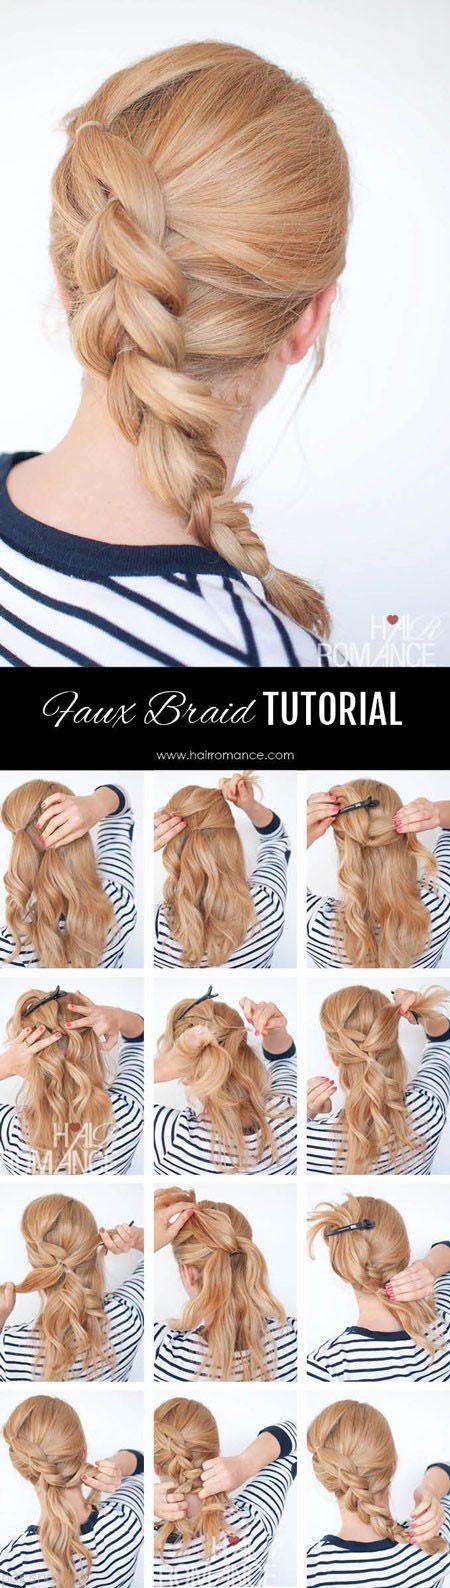 مجموعه آموزش تصویری بافت مو جدید و زیبا